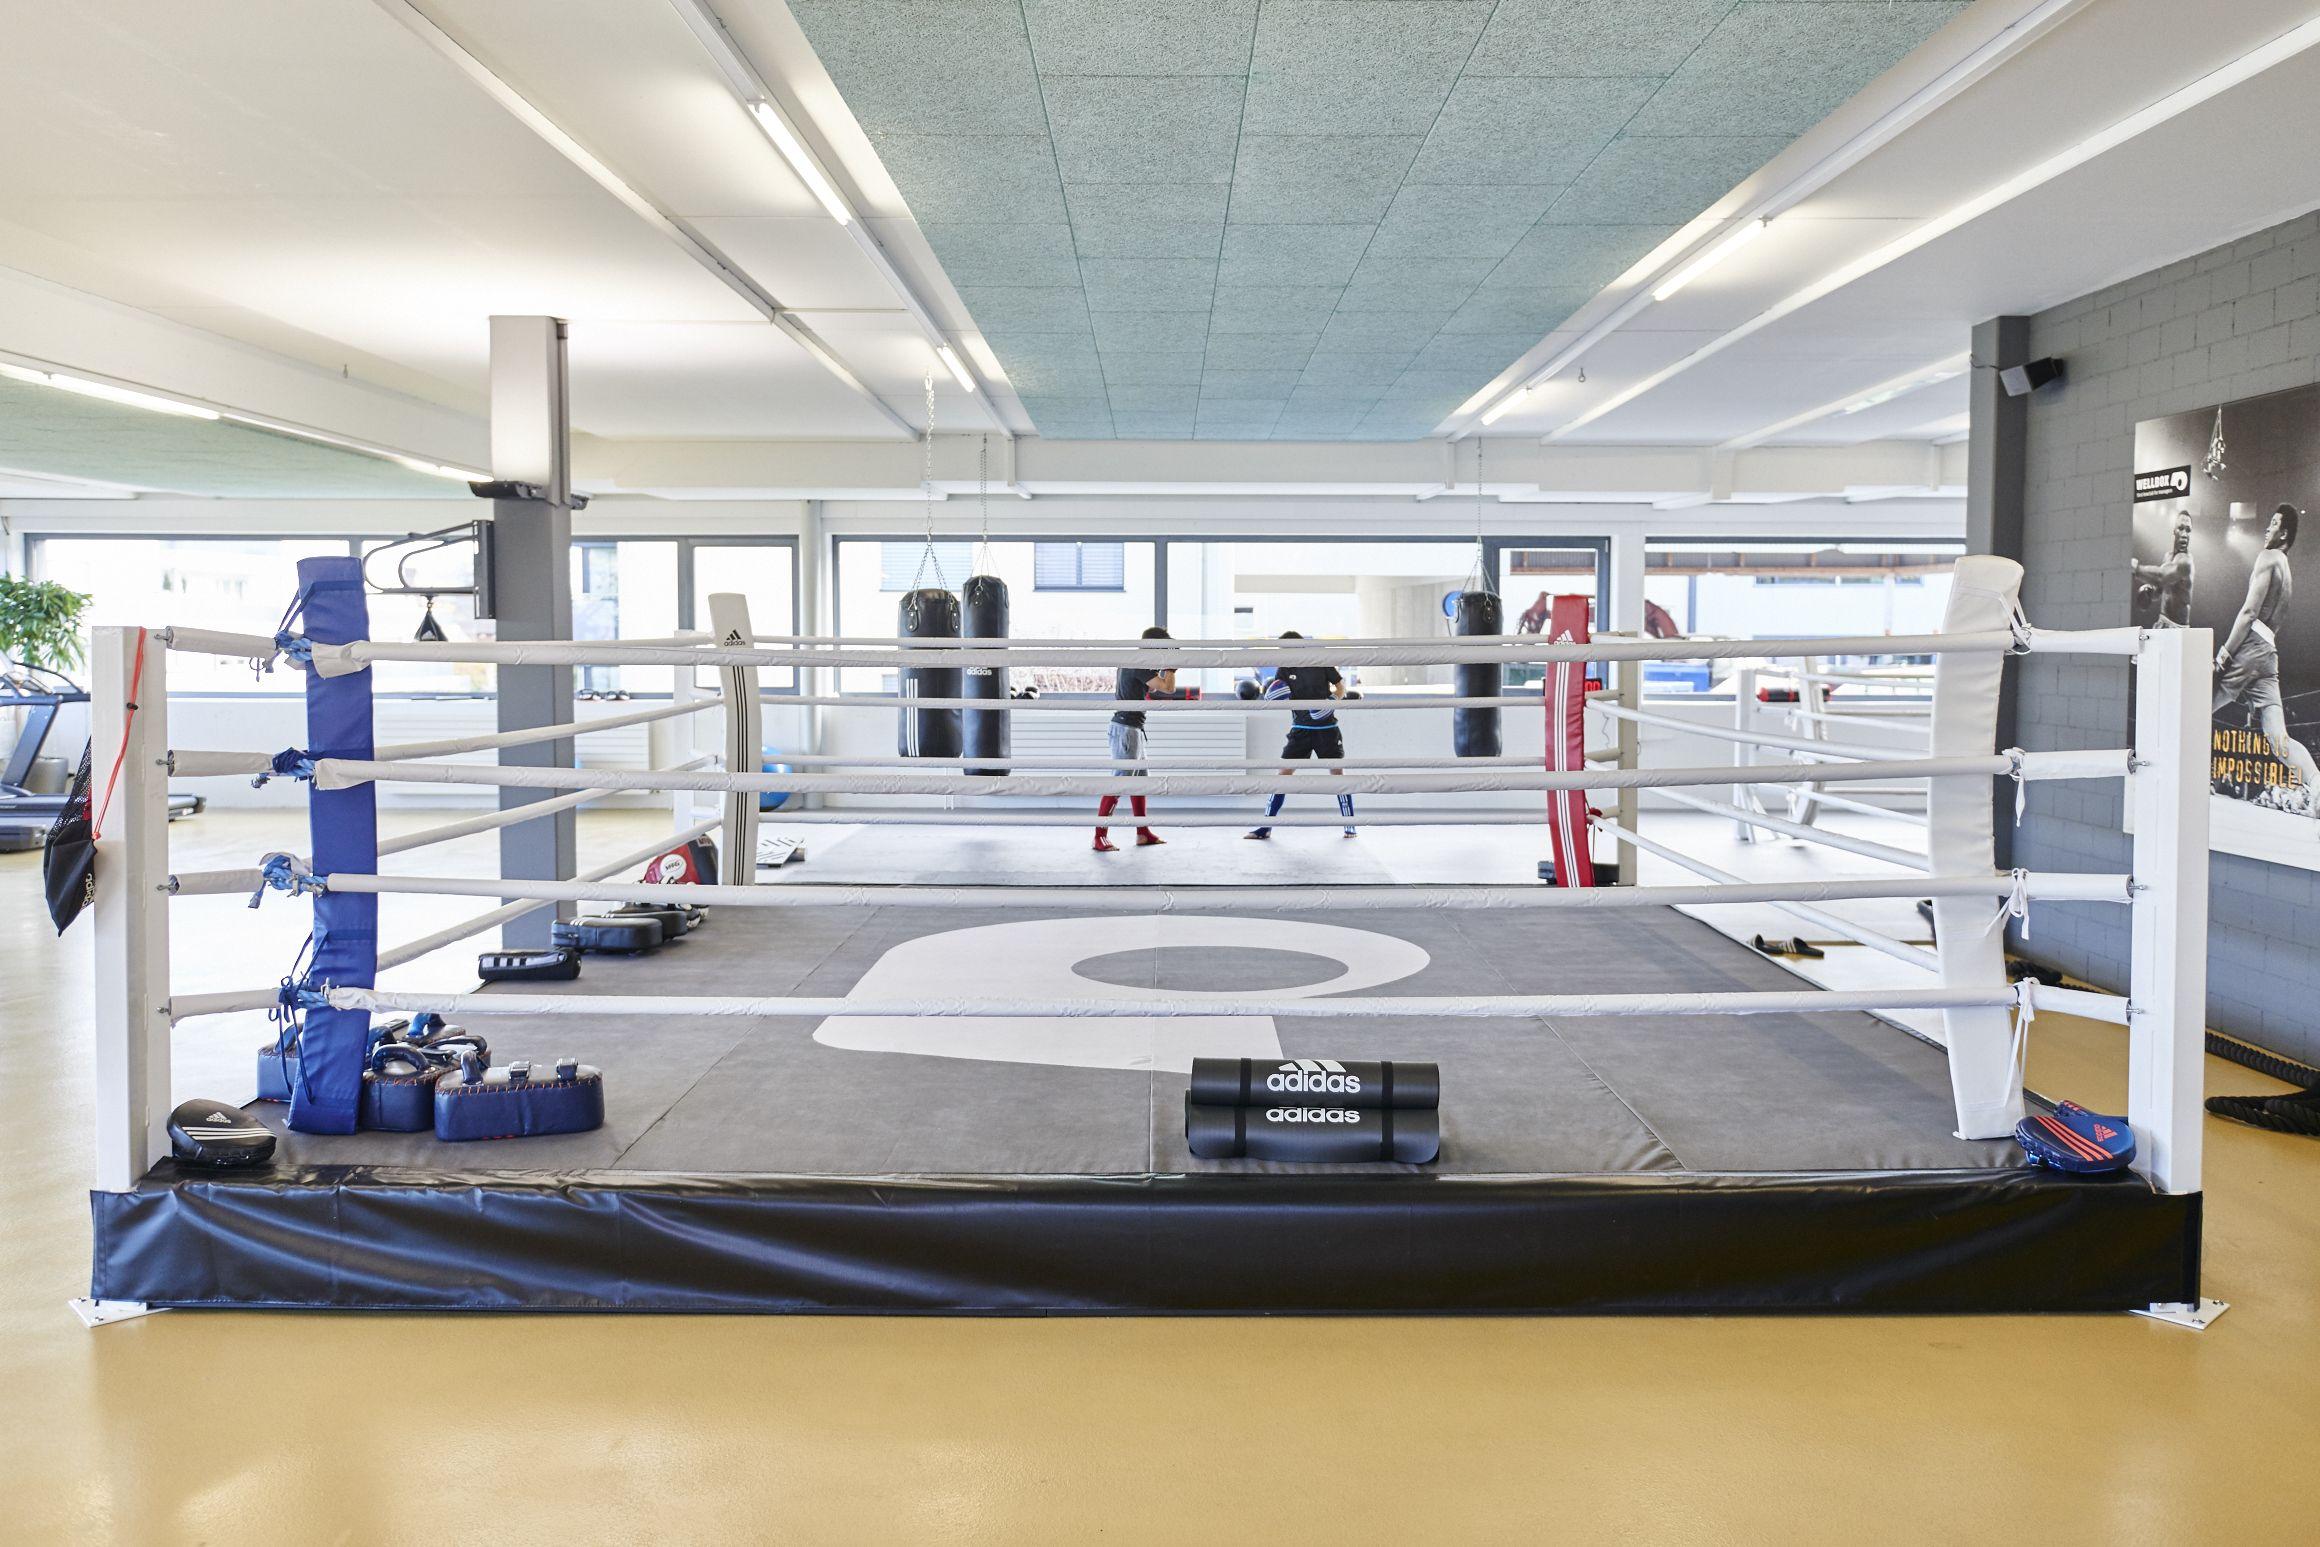 boxclub wellbox wollerau, schweiz | innenarchitektur von marc, Innenarchitektur ideen